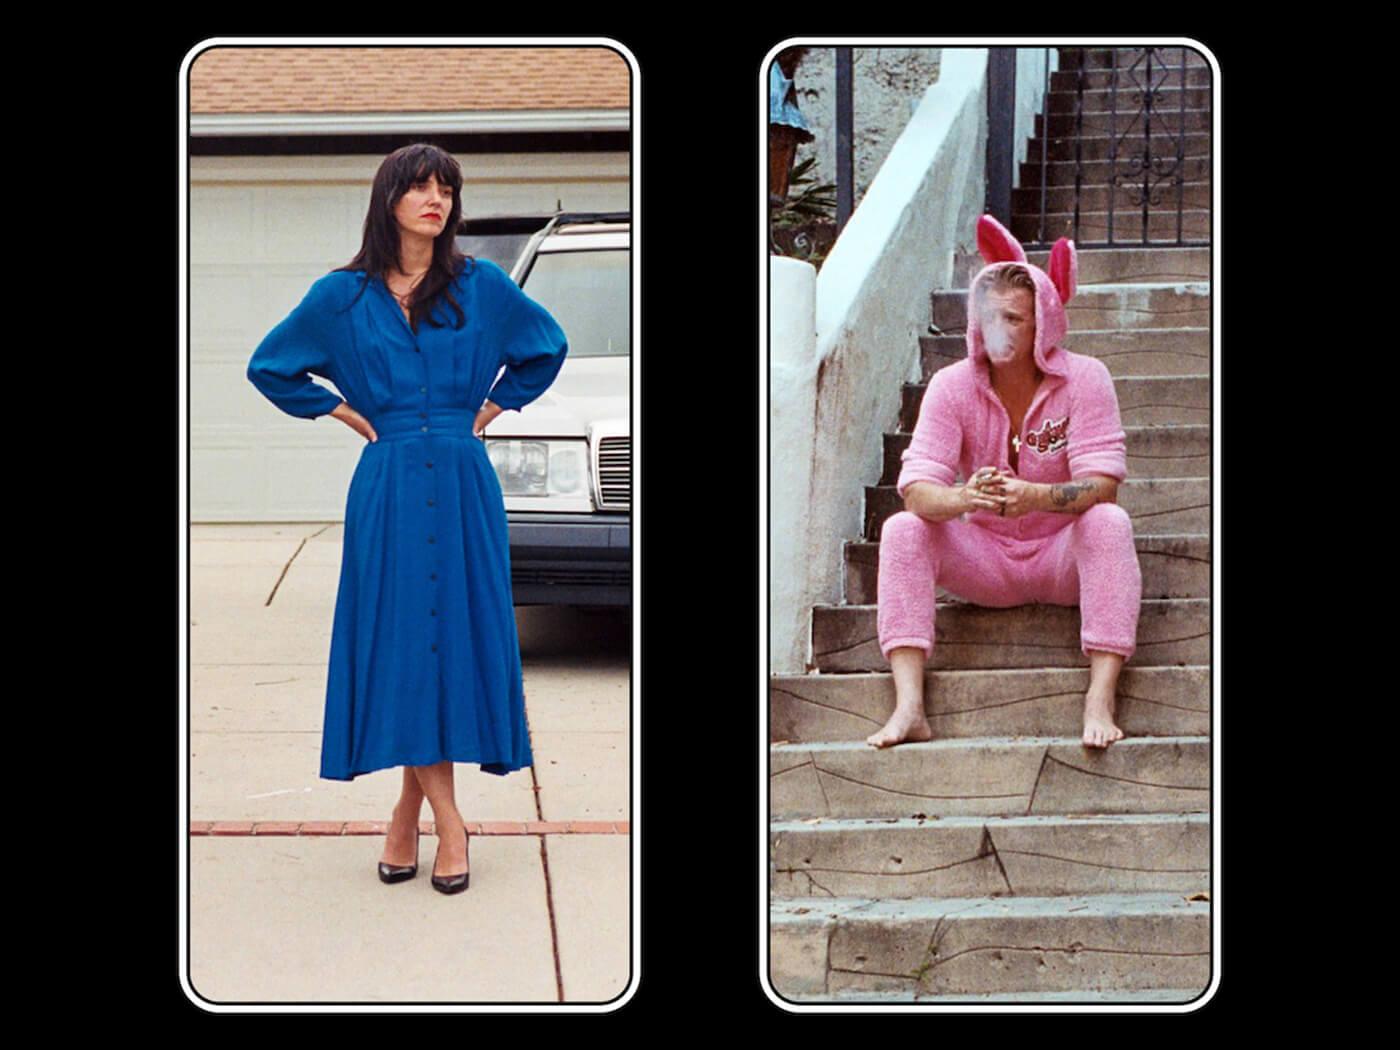 Hear Sharon Van Etten and Josh Homme's new duet